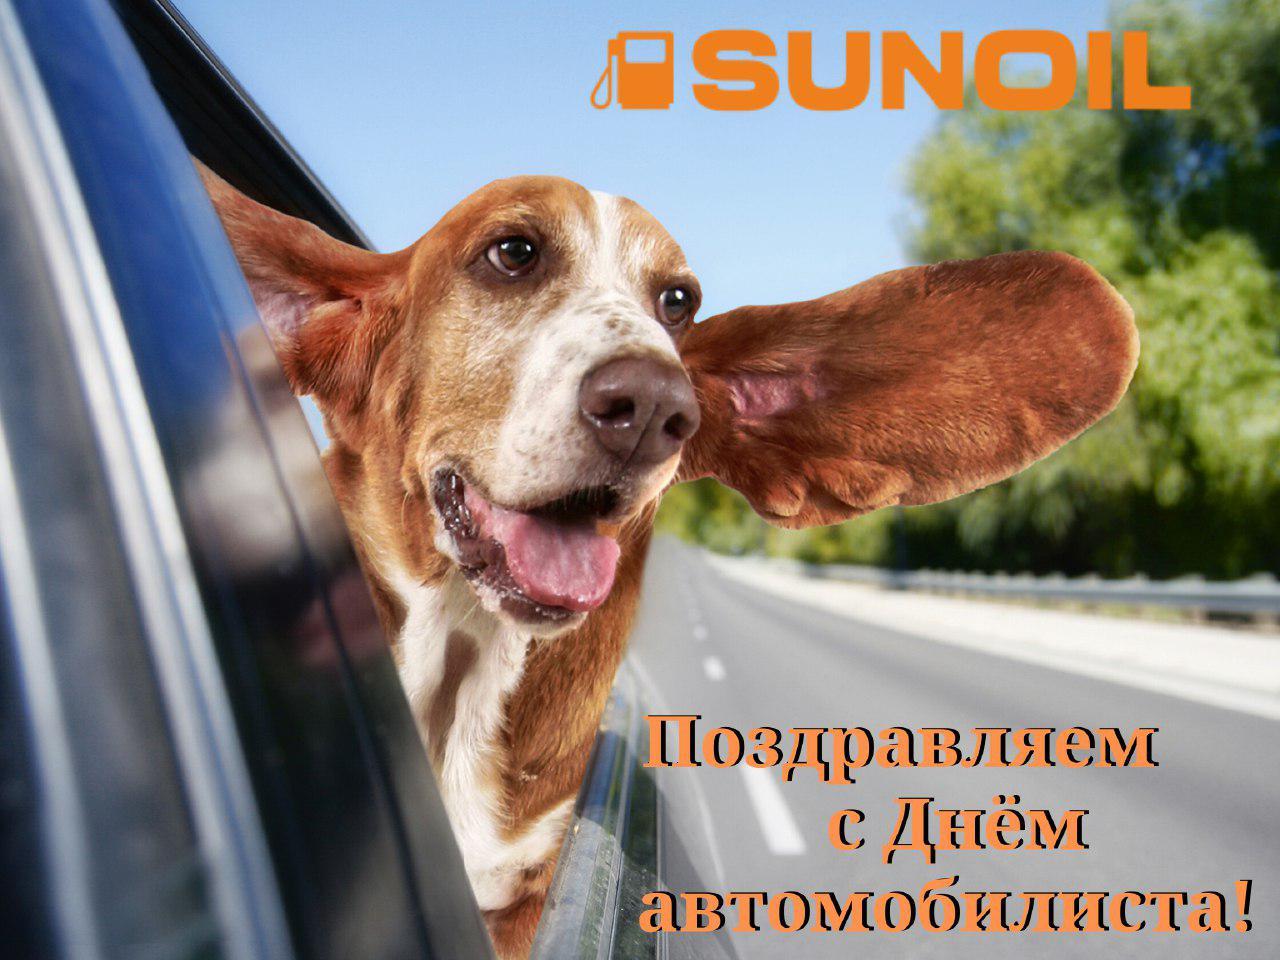 Поздравляем с днём автомобилиста и дорожника!